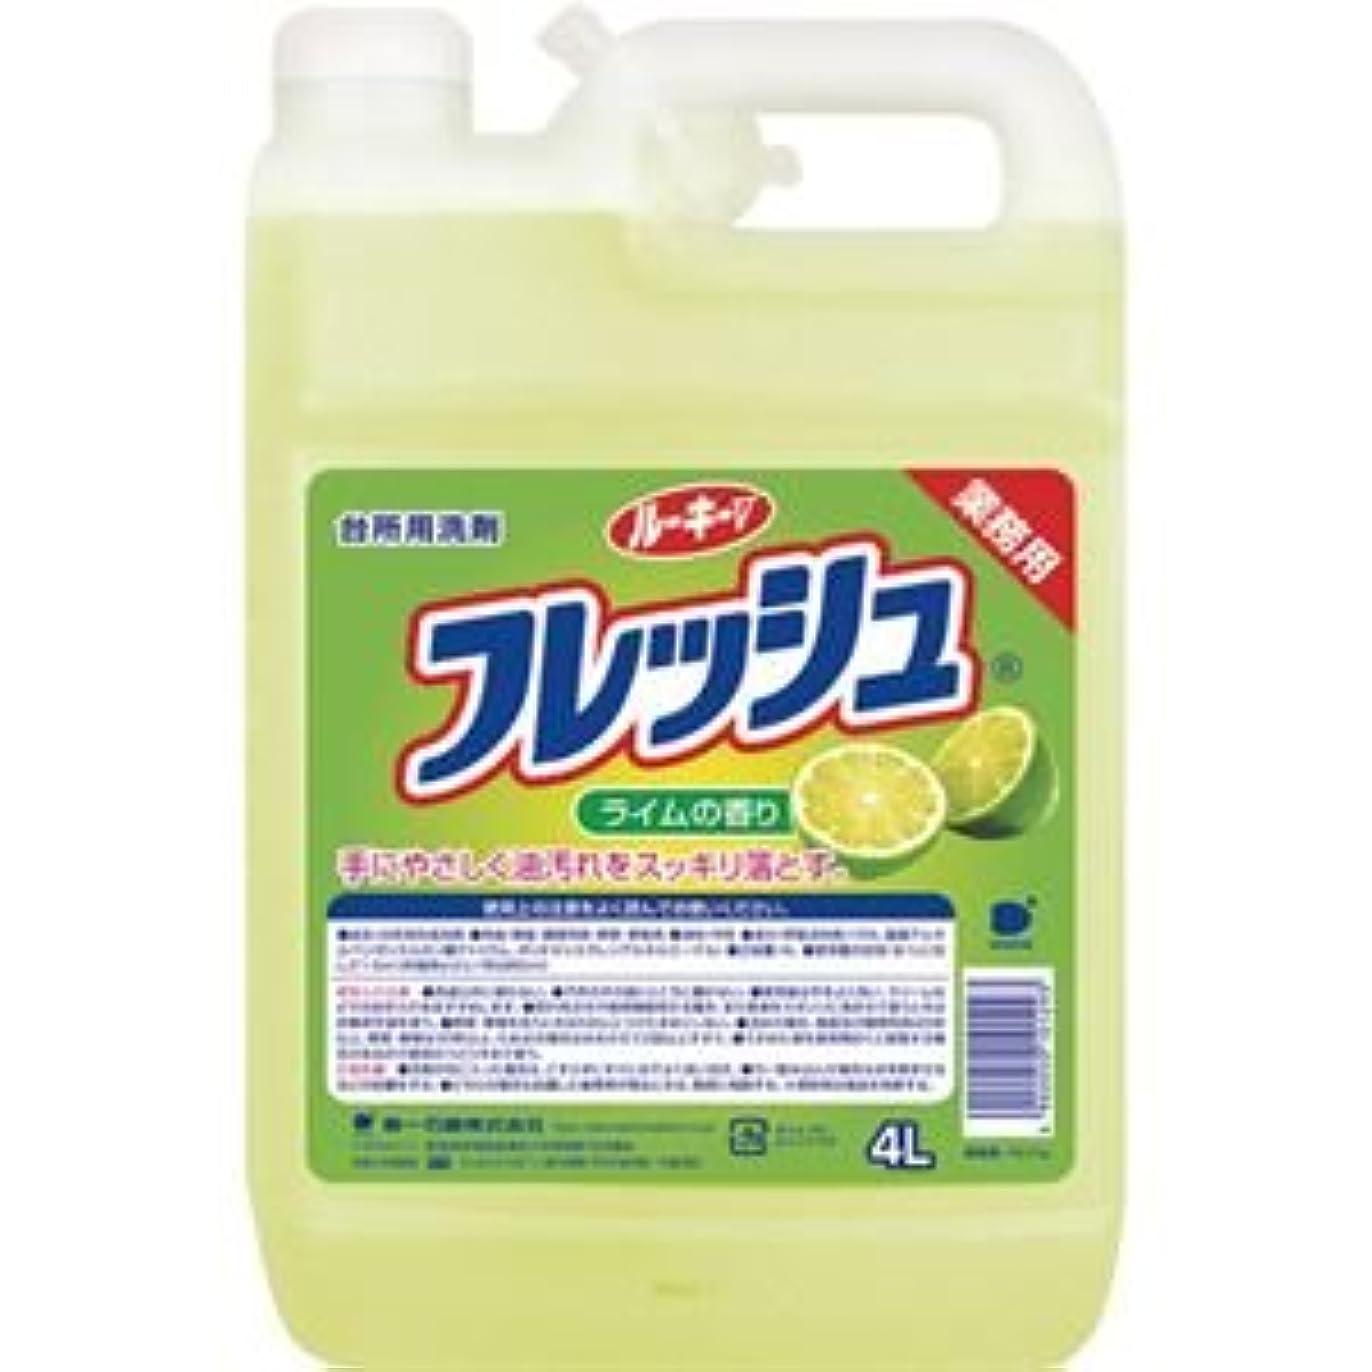 豊富悲劇姉妹(まとめ) 第一石鹸 ルーキーVフレッシュ 業務用 4L 1本 【×5セット】